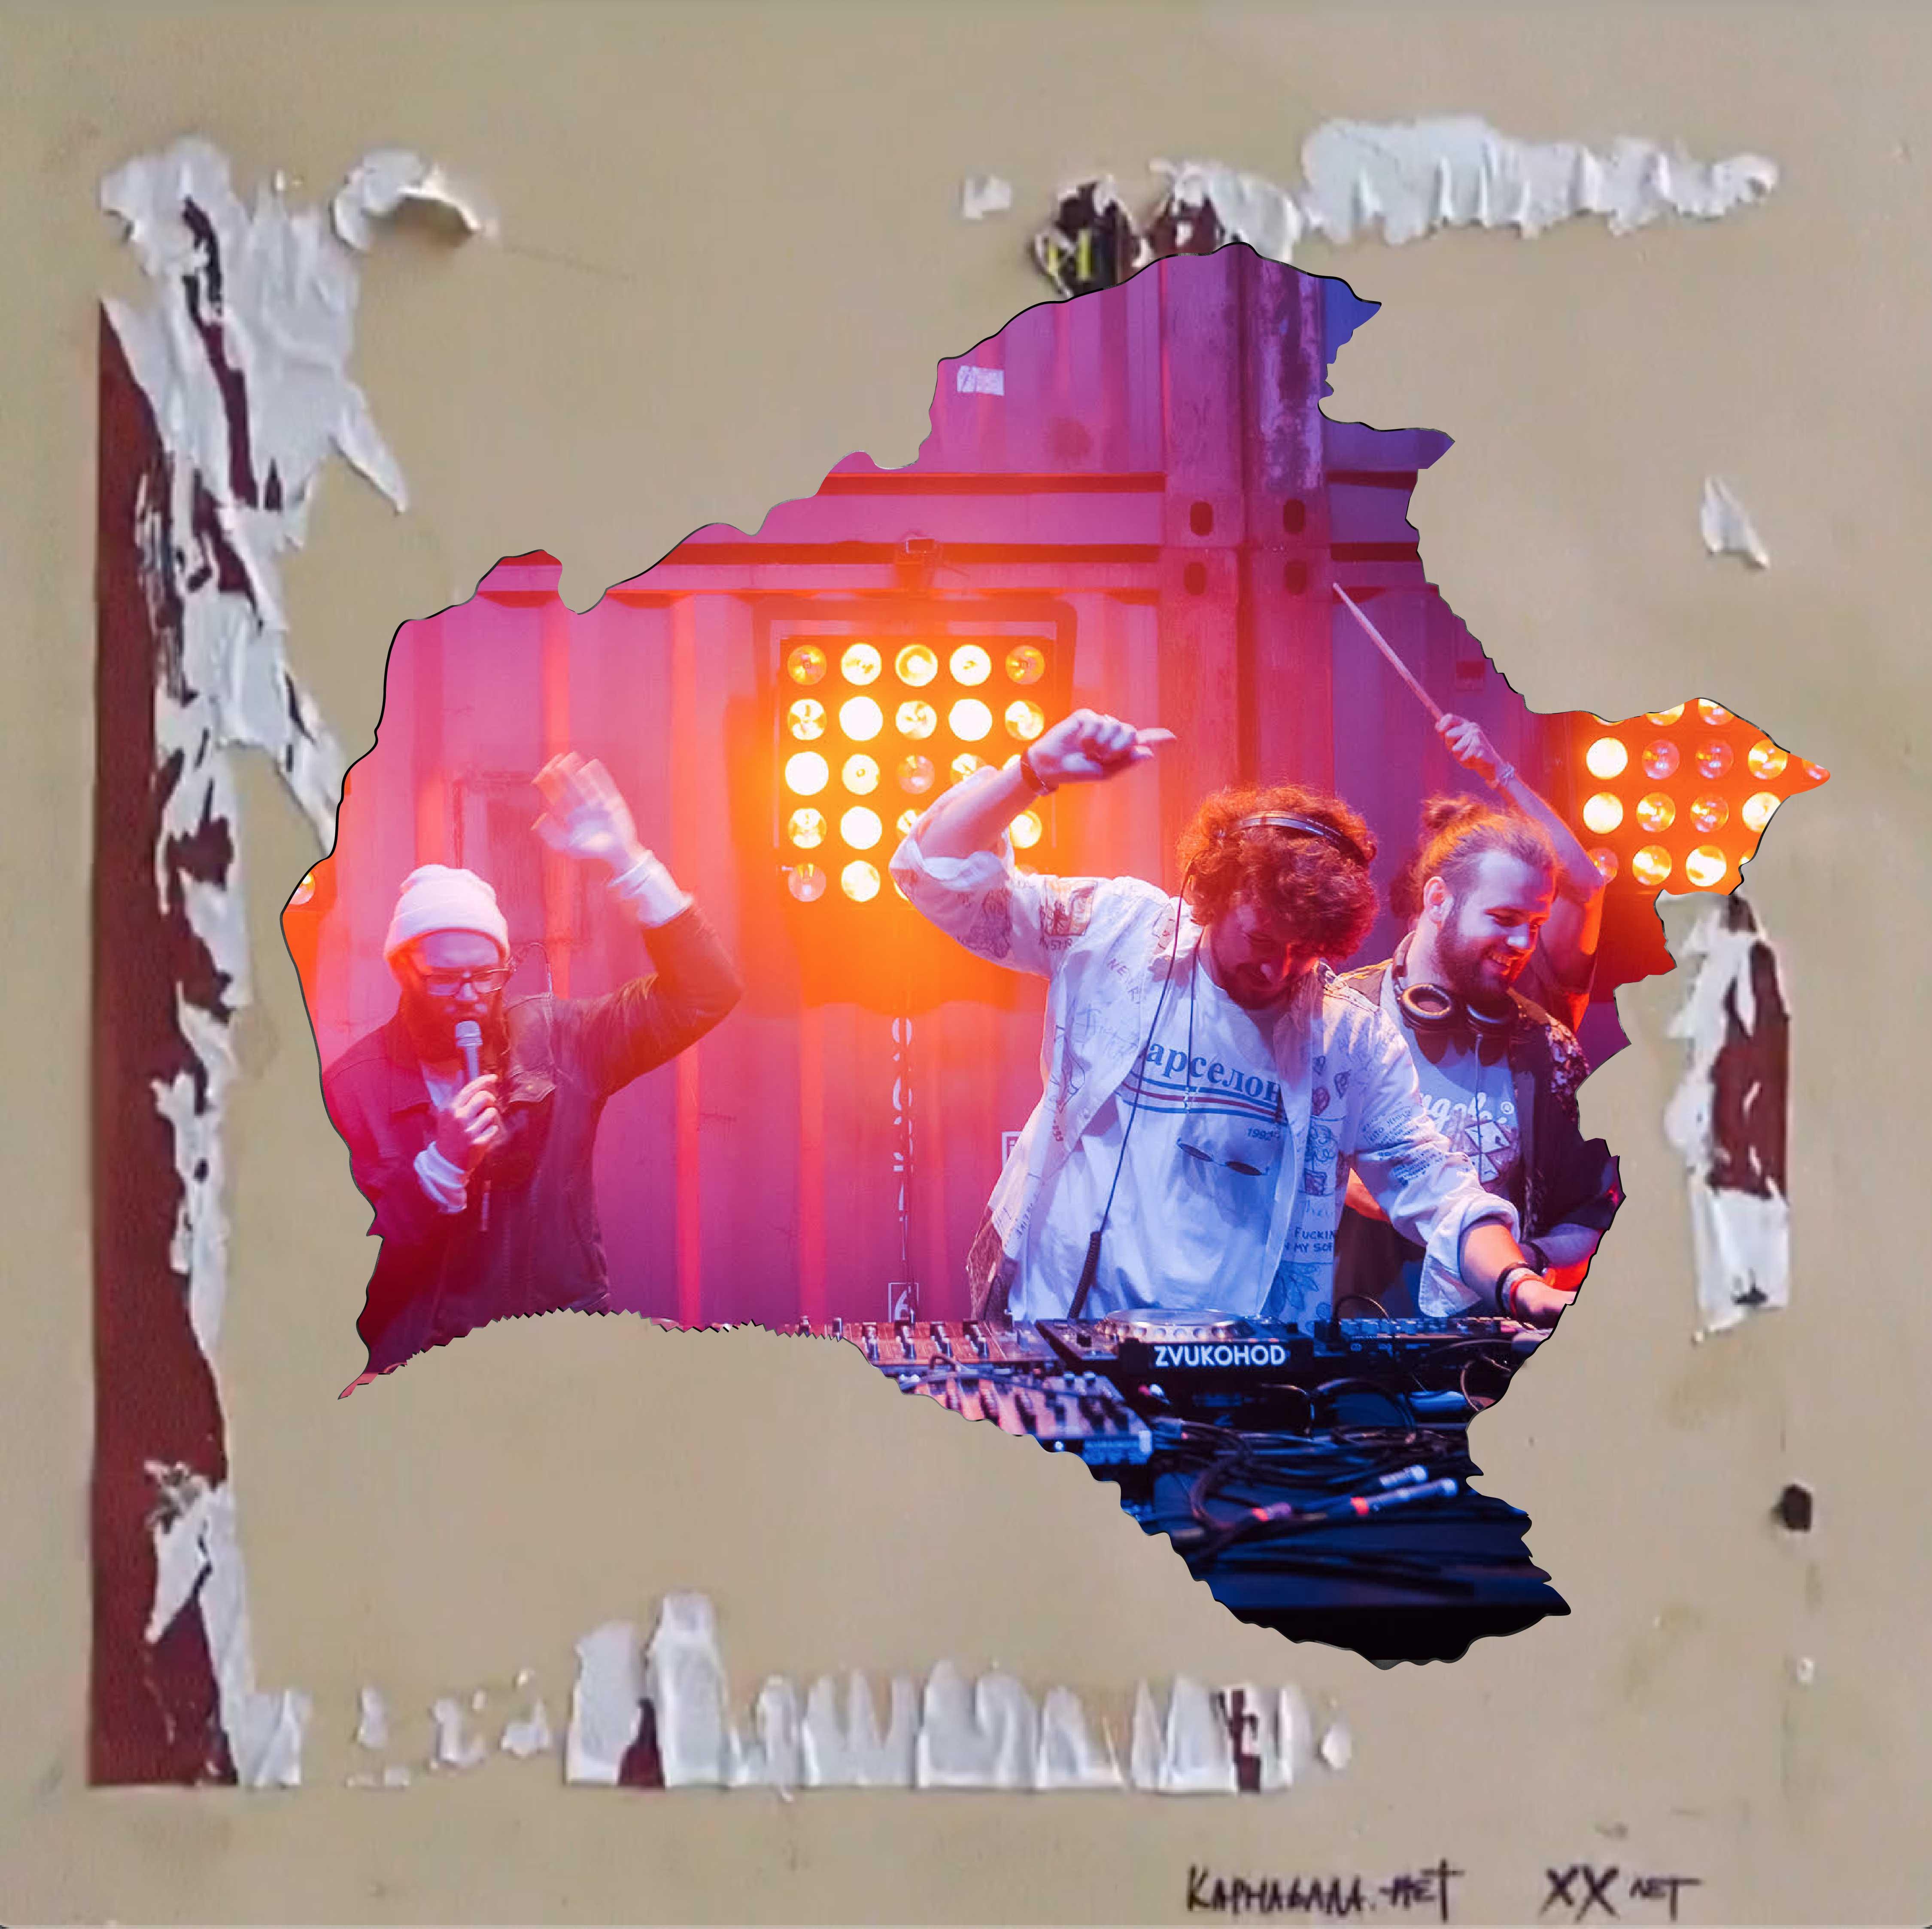 Илья Лагутенко, MC Сенечка, Sansara и другие музыканты из трибьюта альбому Мумий Тролля «Карнавала.Нет XX лет» — о 2000-м (фото 10)